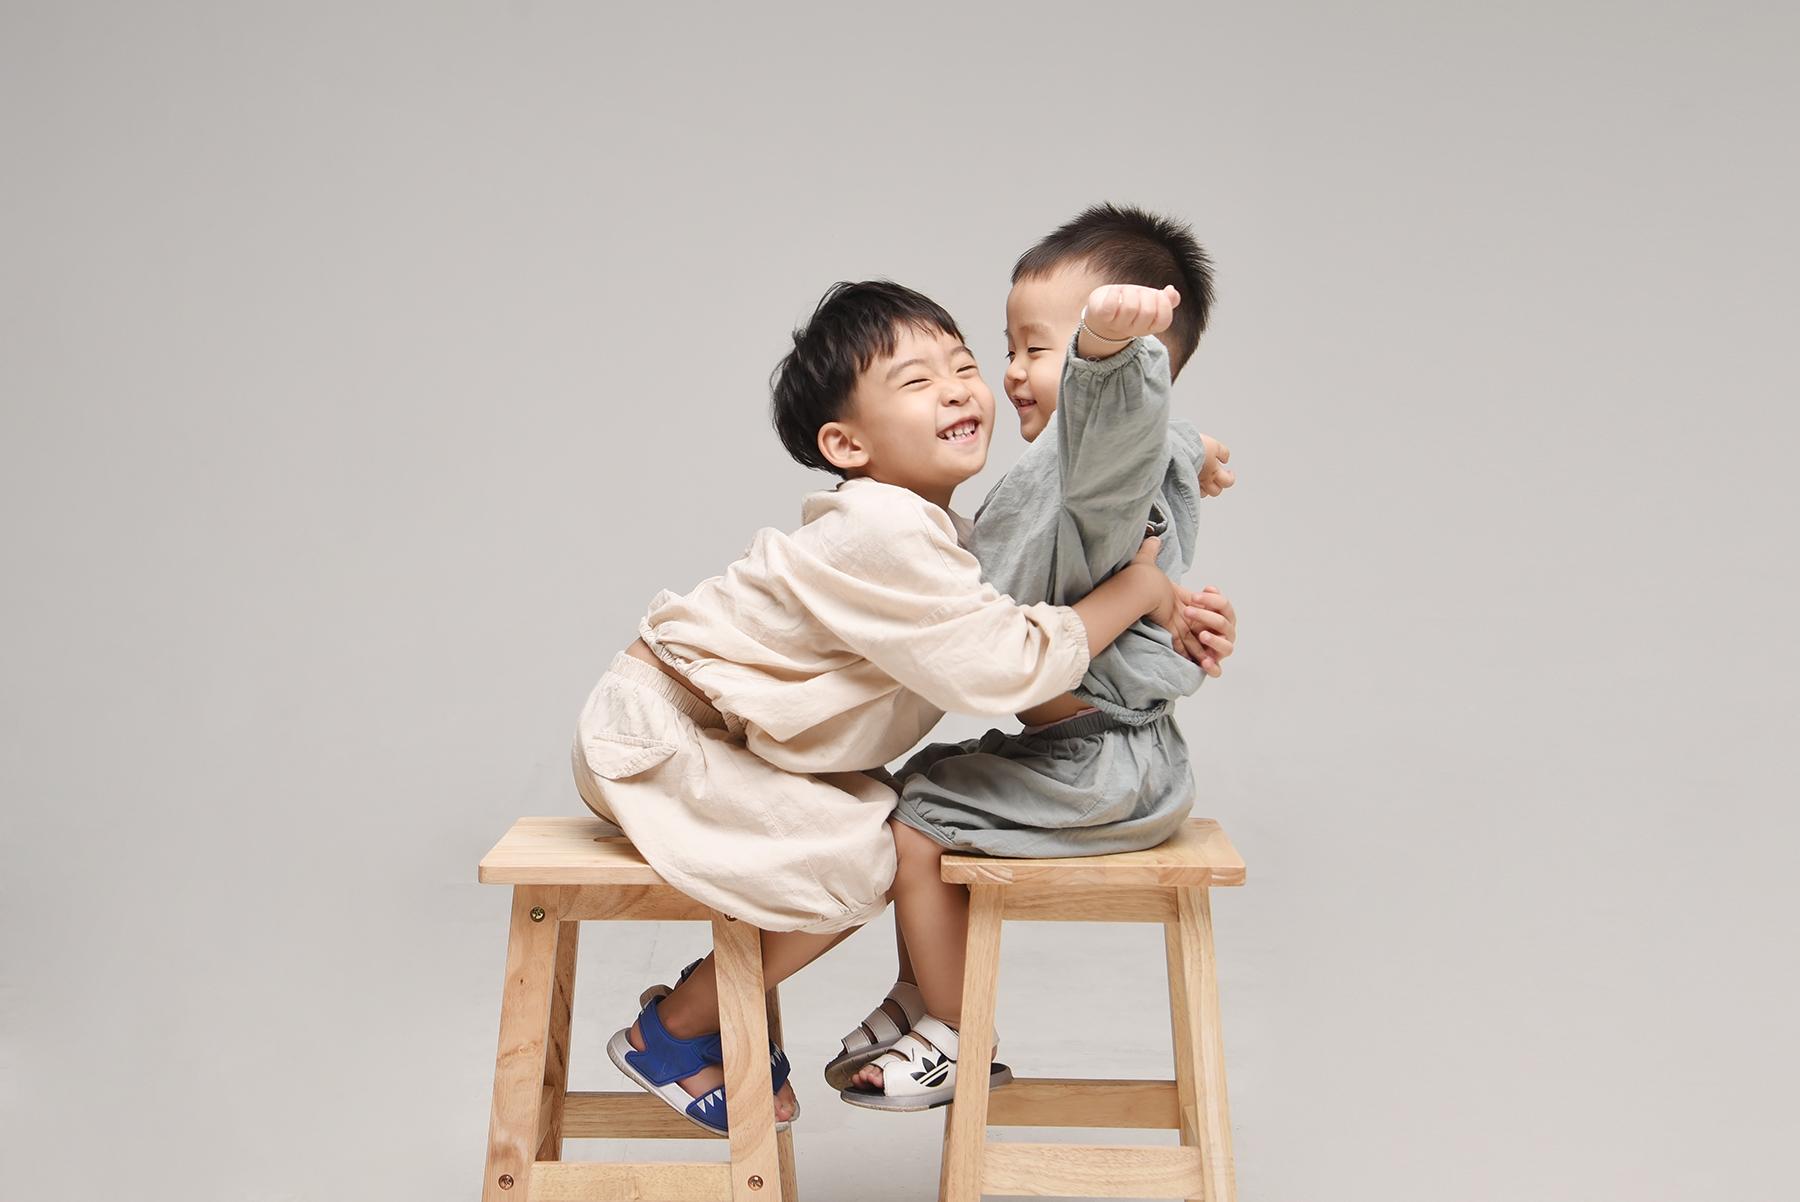 래빛스냅_바른사진관_김해형제촬영_02.jpg